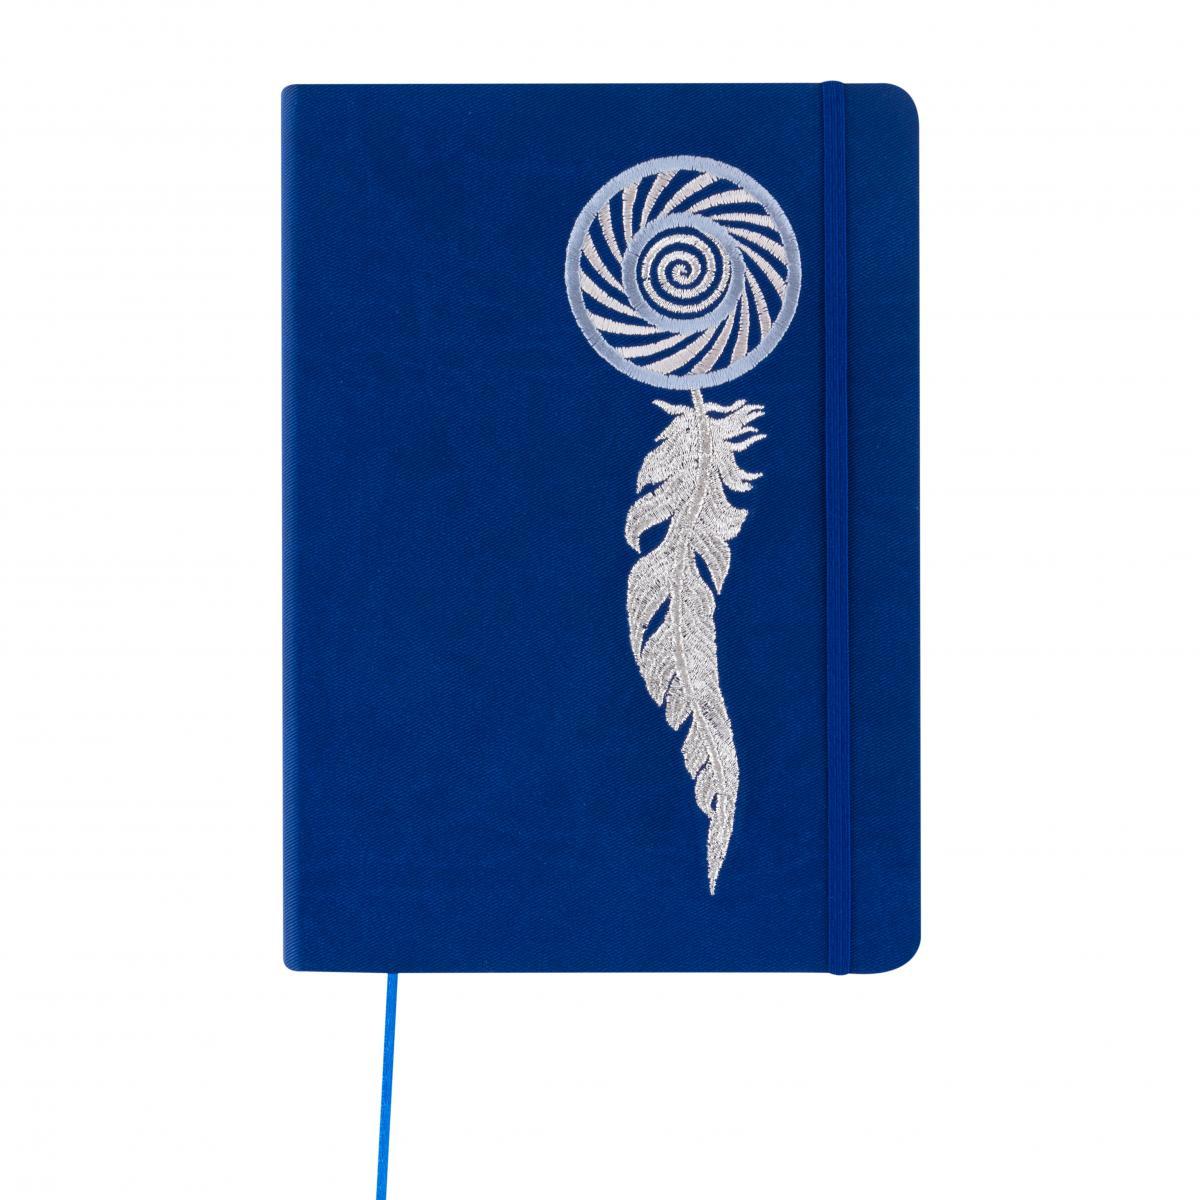 Синій блокнот з вишивкою. Фото №1. | Народний дім Україна